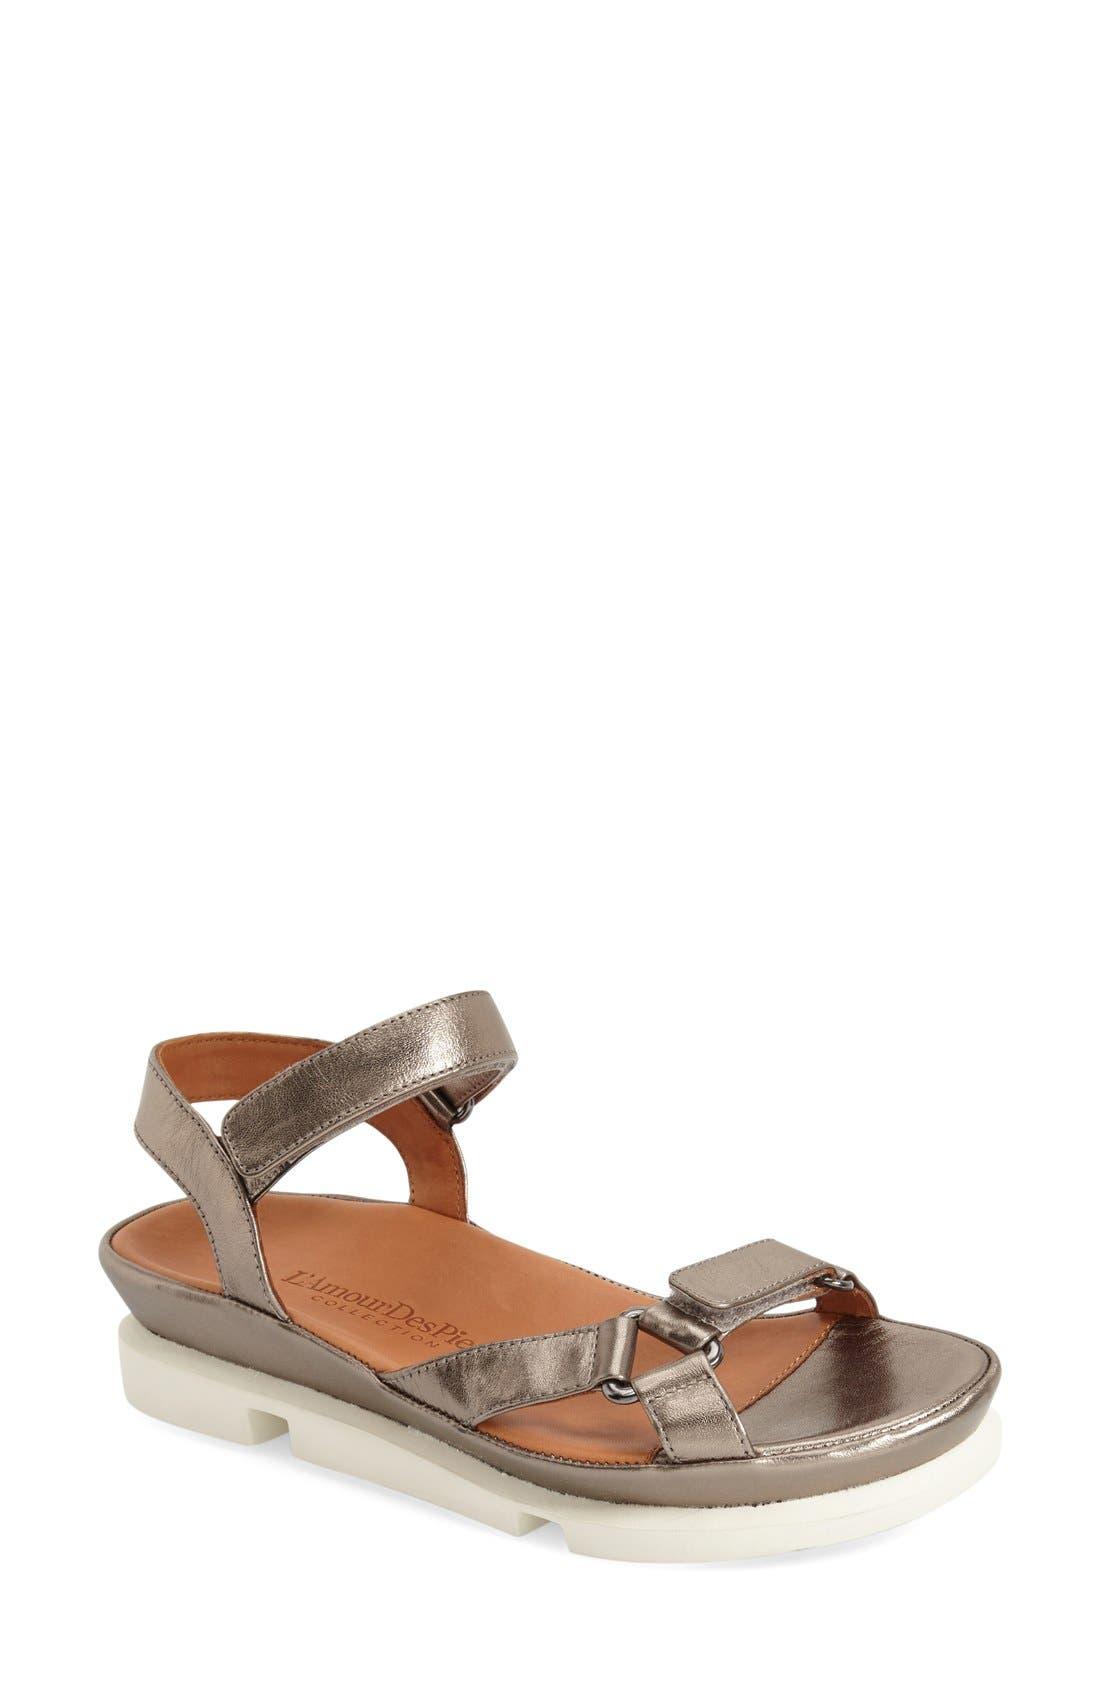 L'Amour des Pieds 'Vasey' Sandal (Women)